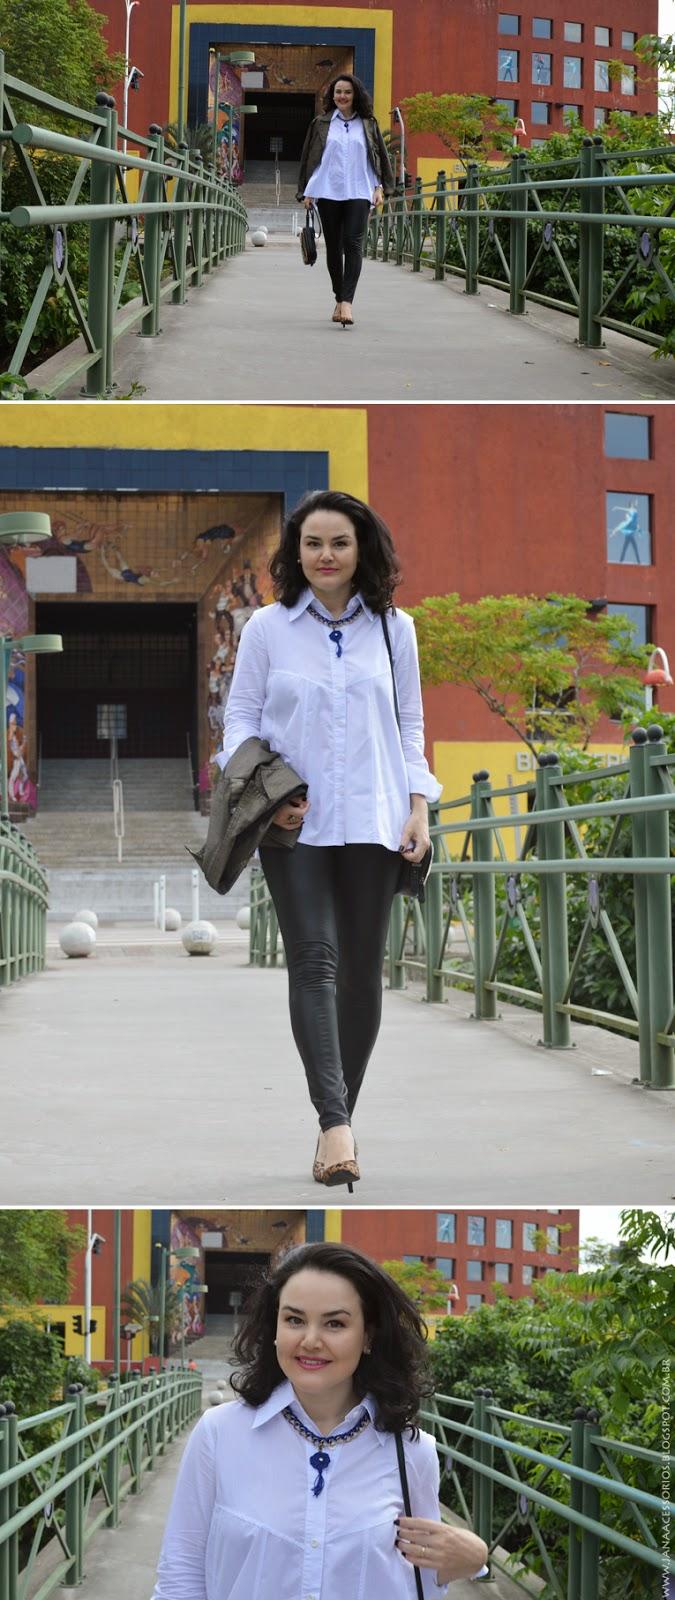 blog de acessórios, acessórios, novidades, joinville, blogger, blogueira, moda, estilo, fashion, style